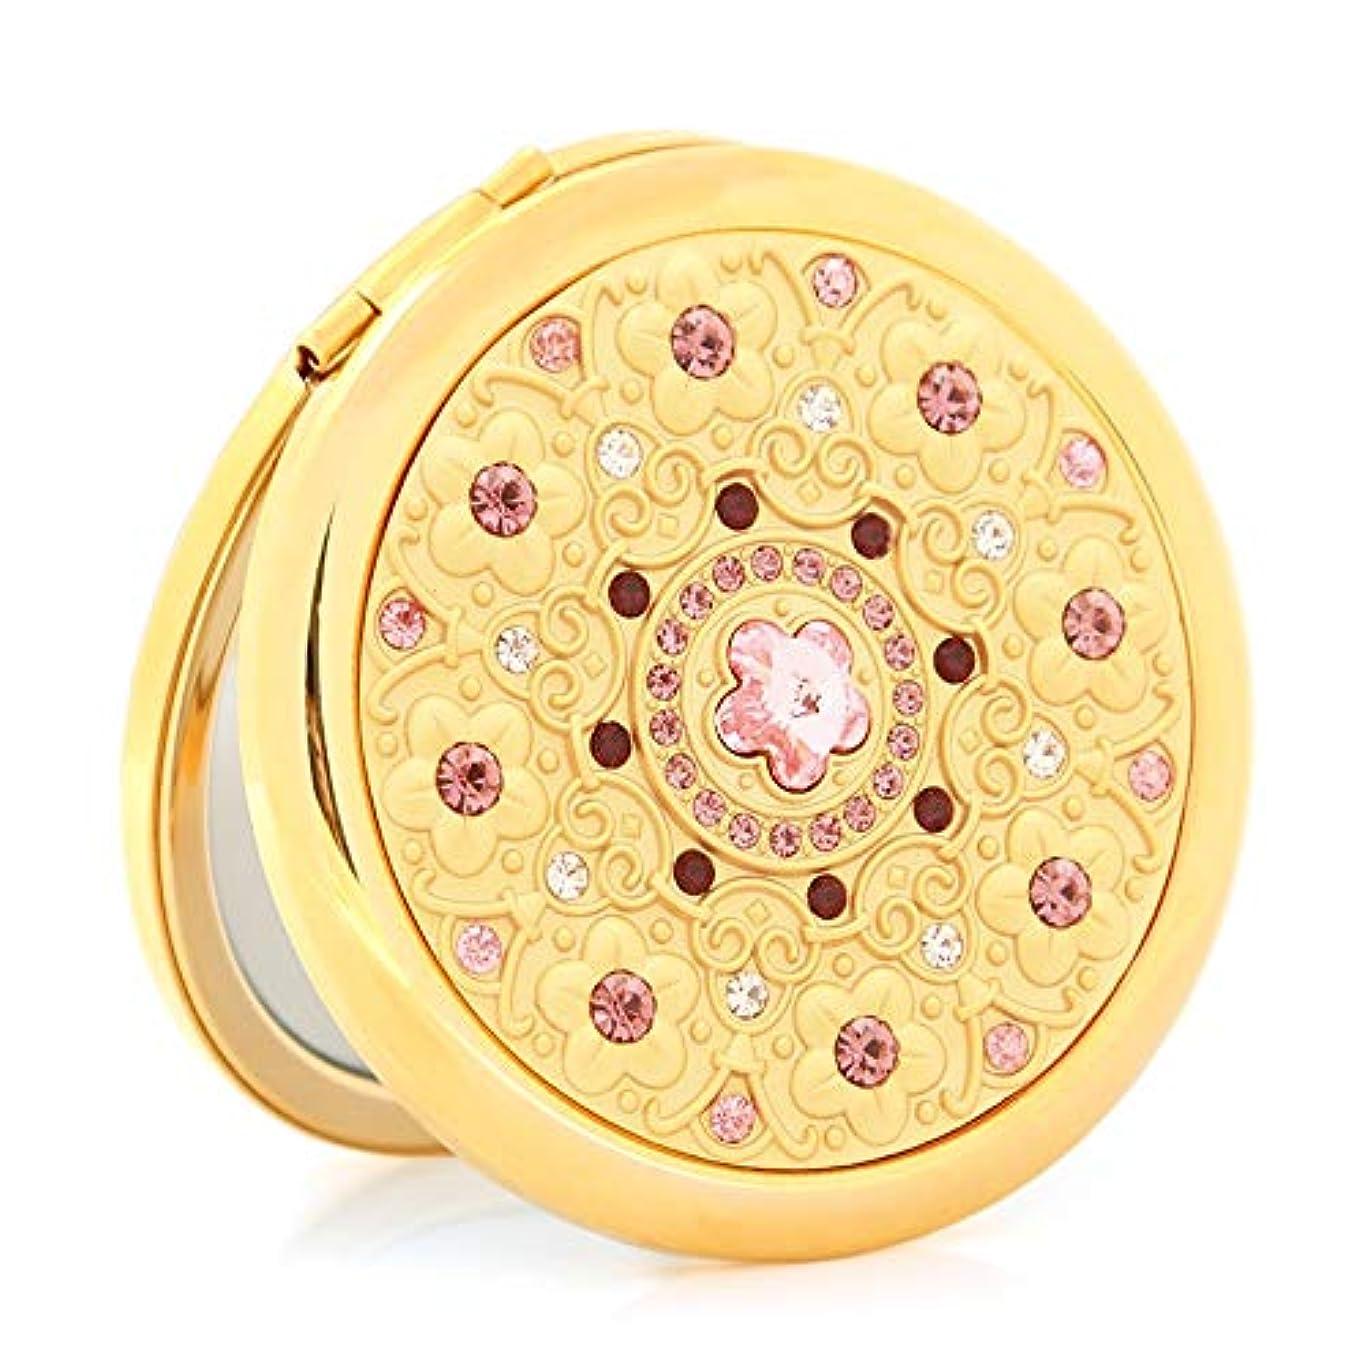 認める後方に可動式流行の ゴールドポータブルHD化粧鏡ポータブル折りたたみ両面小さなミラーのガールフレンドバレンタインデーの贈り物